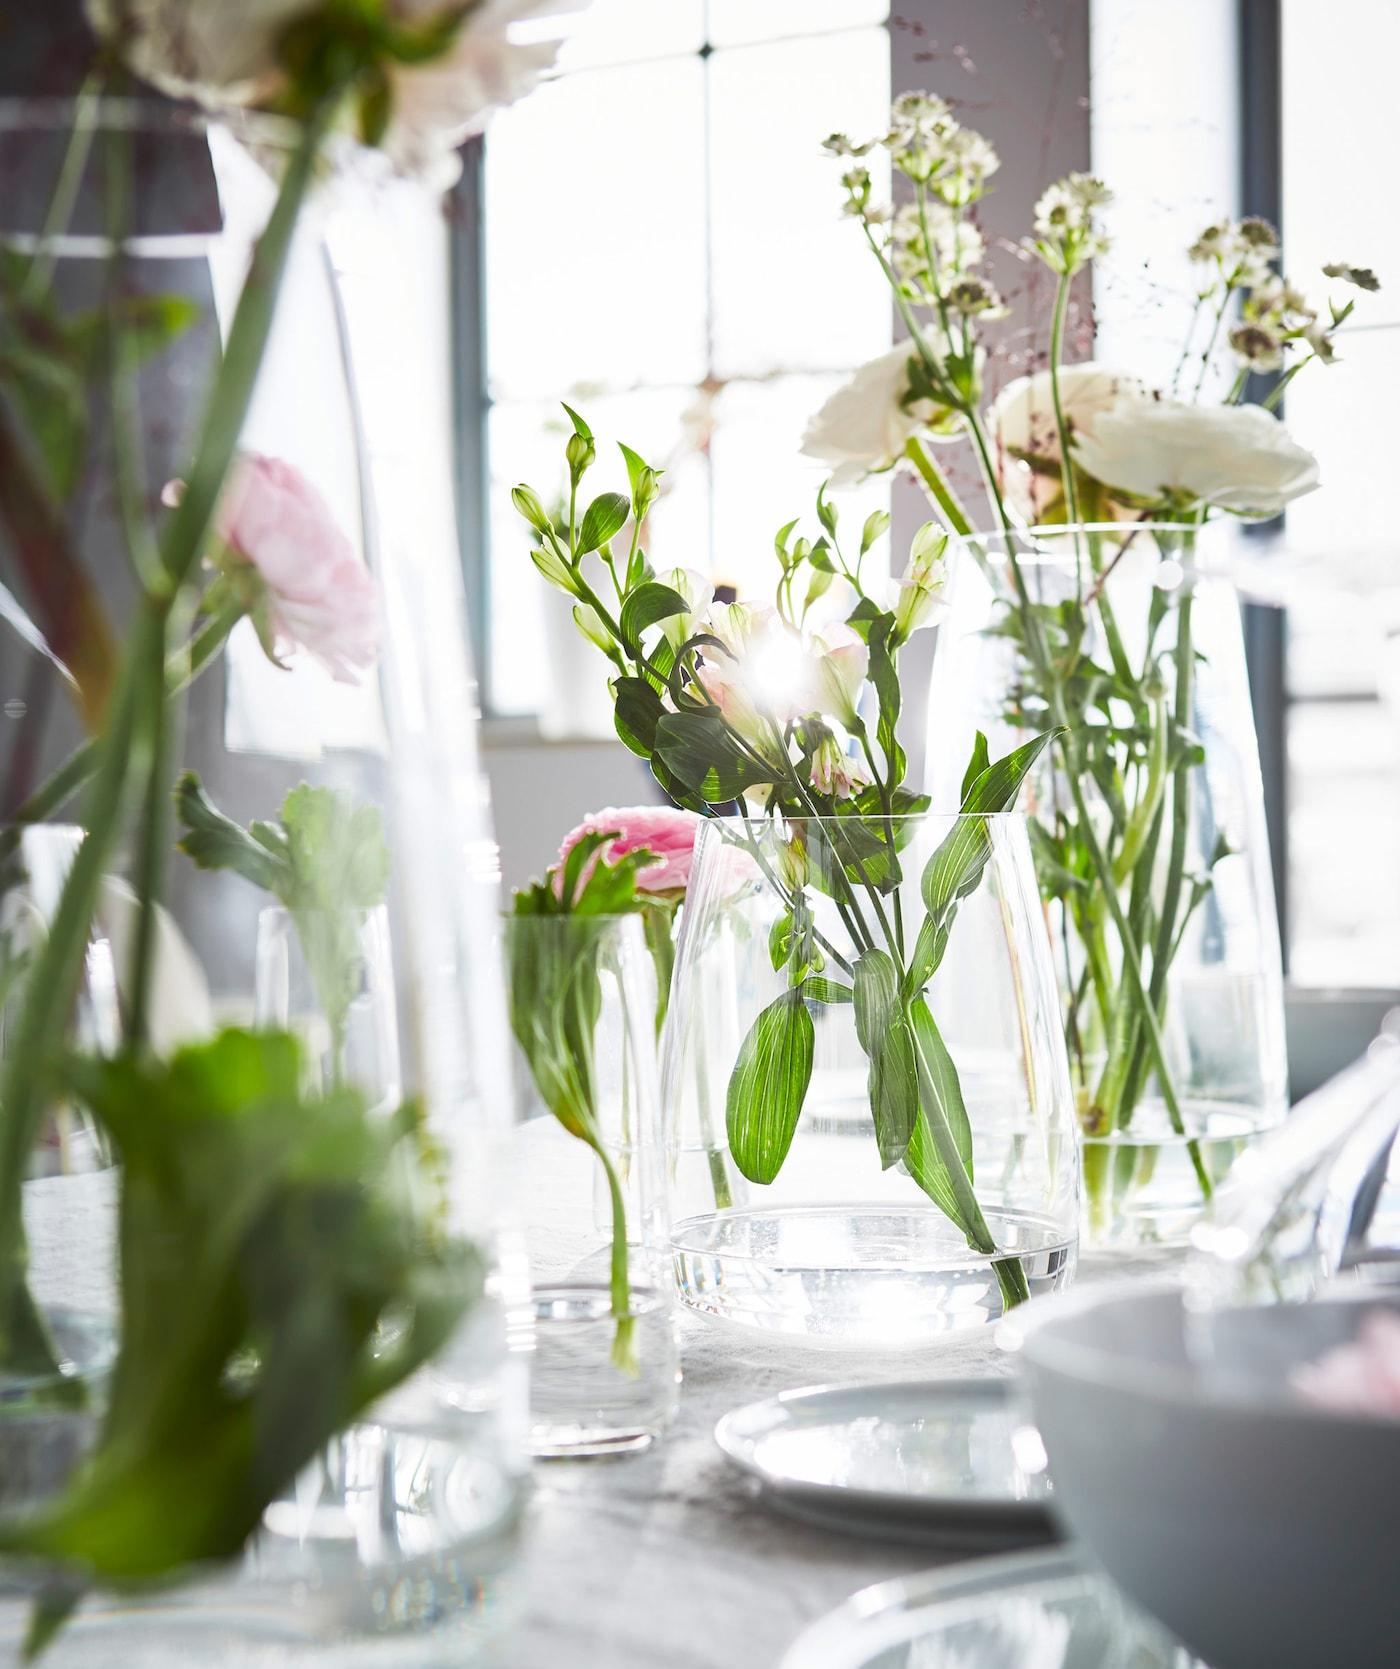 Merveilleux Ensemble De Vases En Verre Transparent Avec Arrangements Floraux Sur Une  Table De Salle à Manger